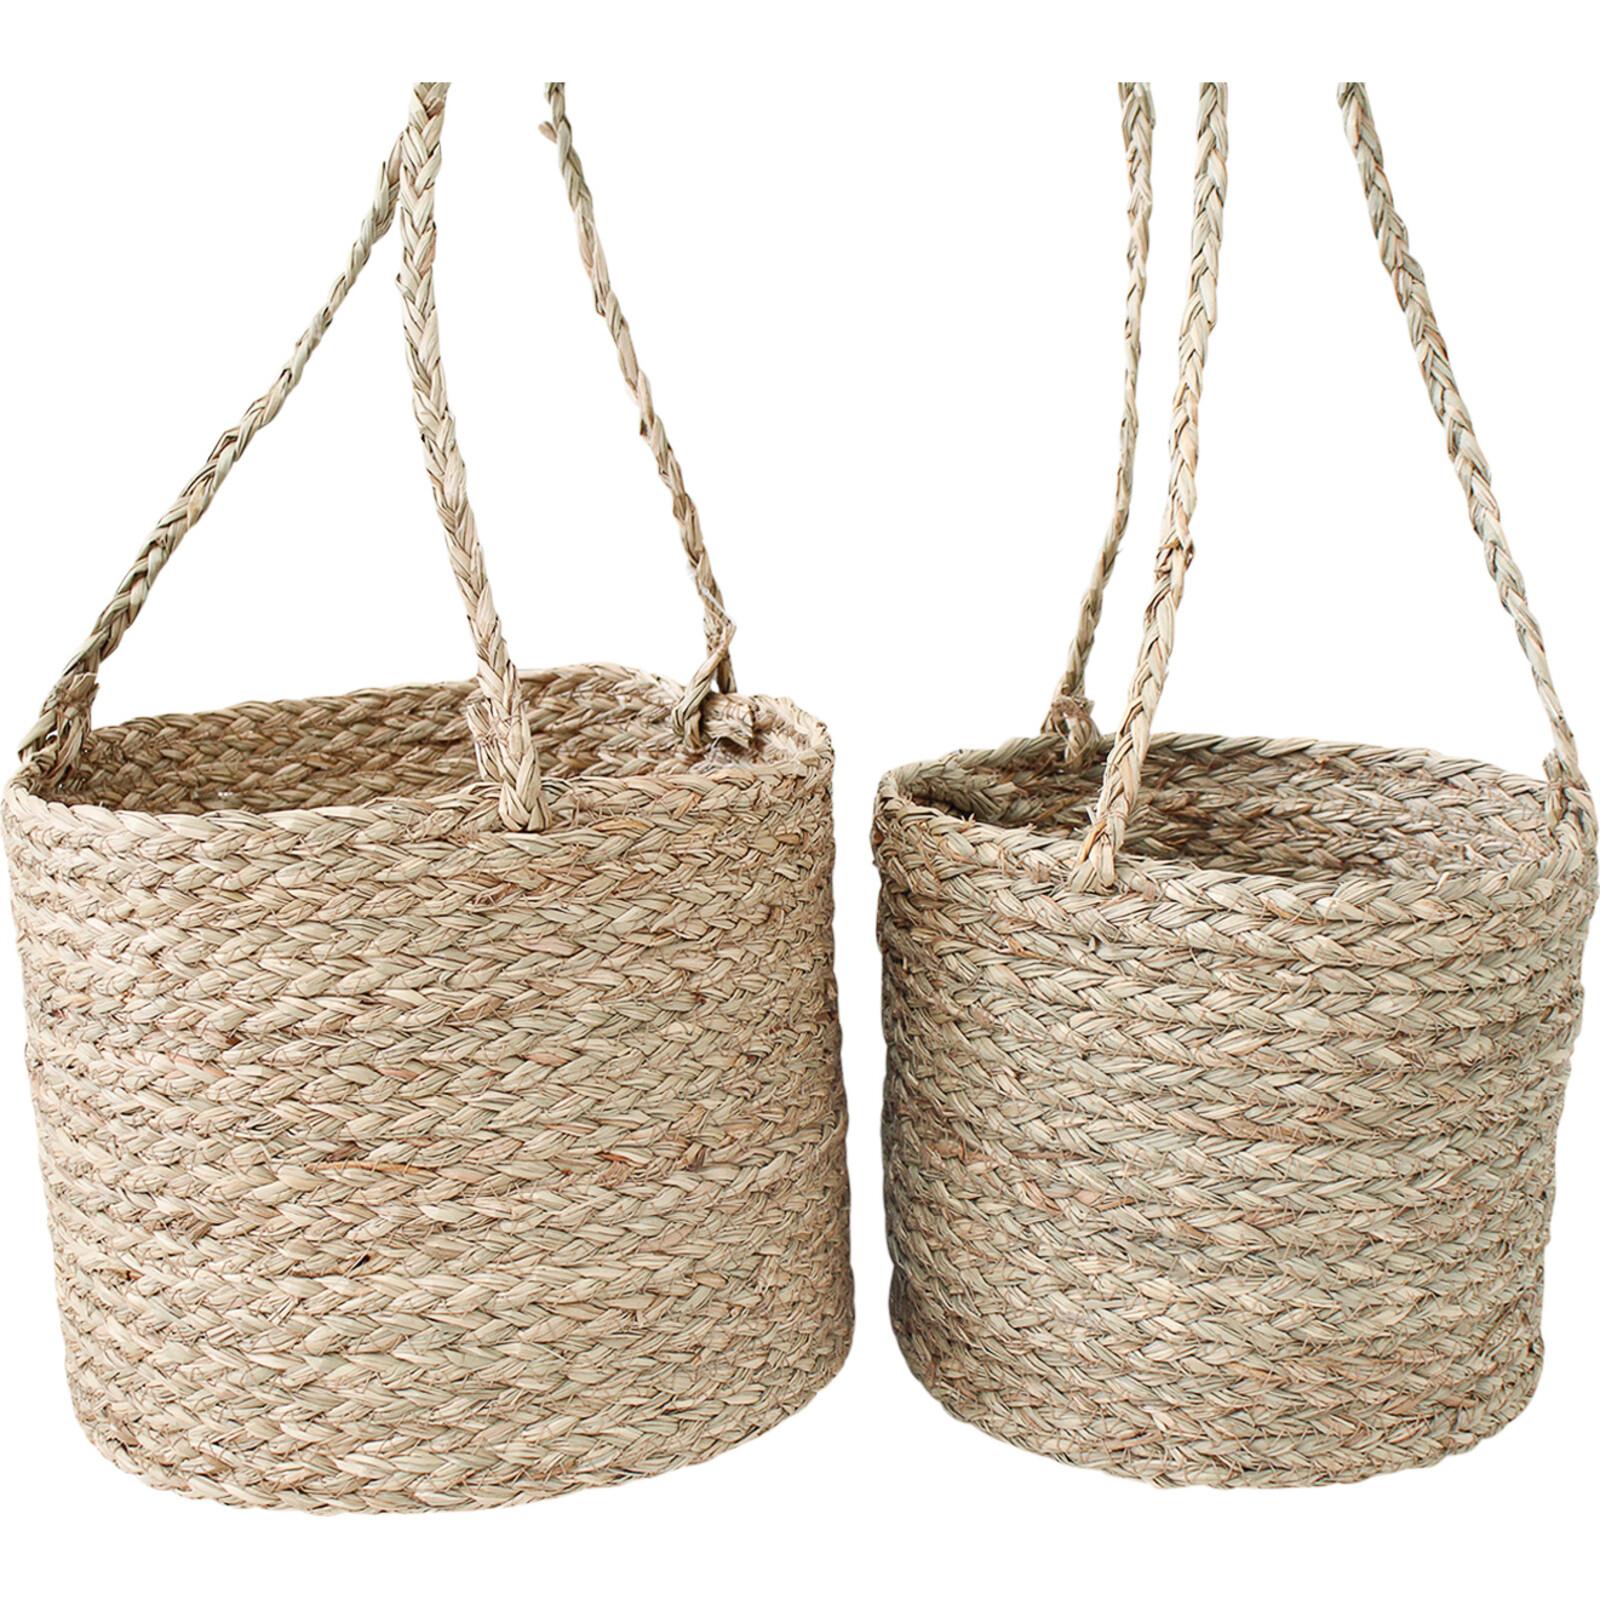 Hanging Boho Basket S/2